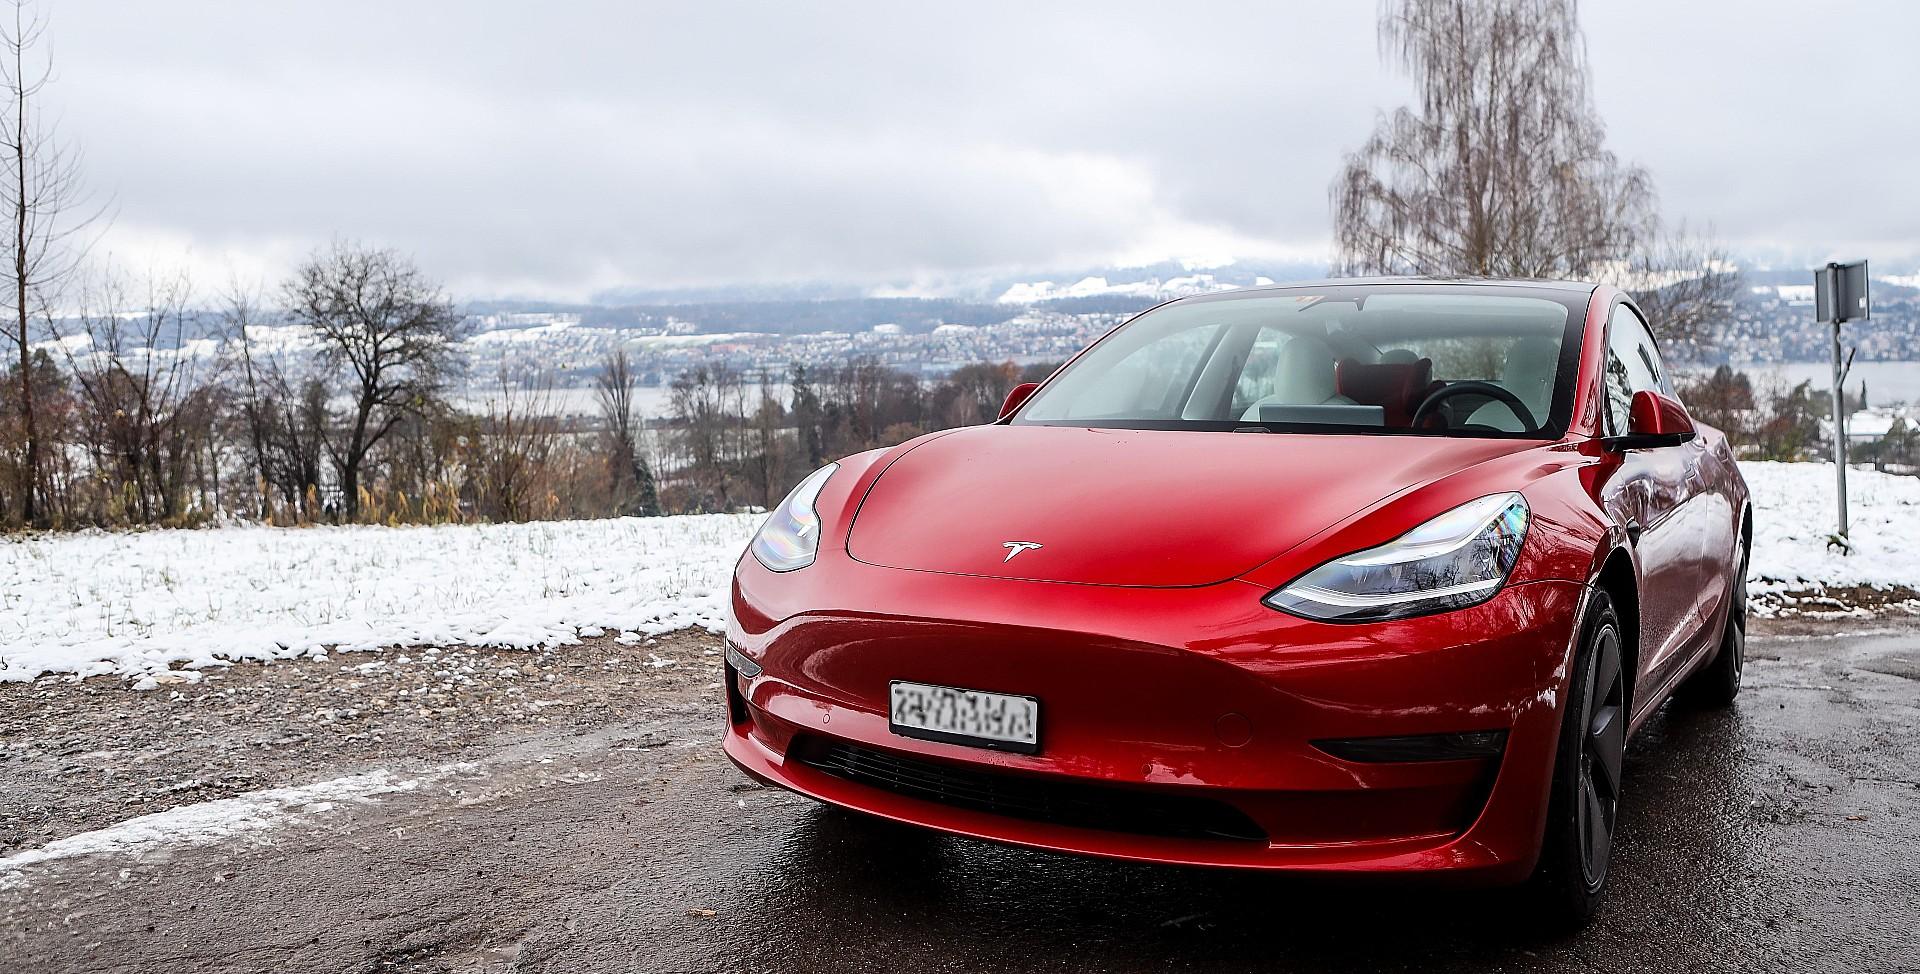 Tesla занимает второе место в Норвегии по производству электромобилей, поскольку по доле рынка электромобили обгоняют газовые автомобили